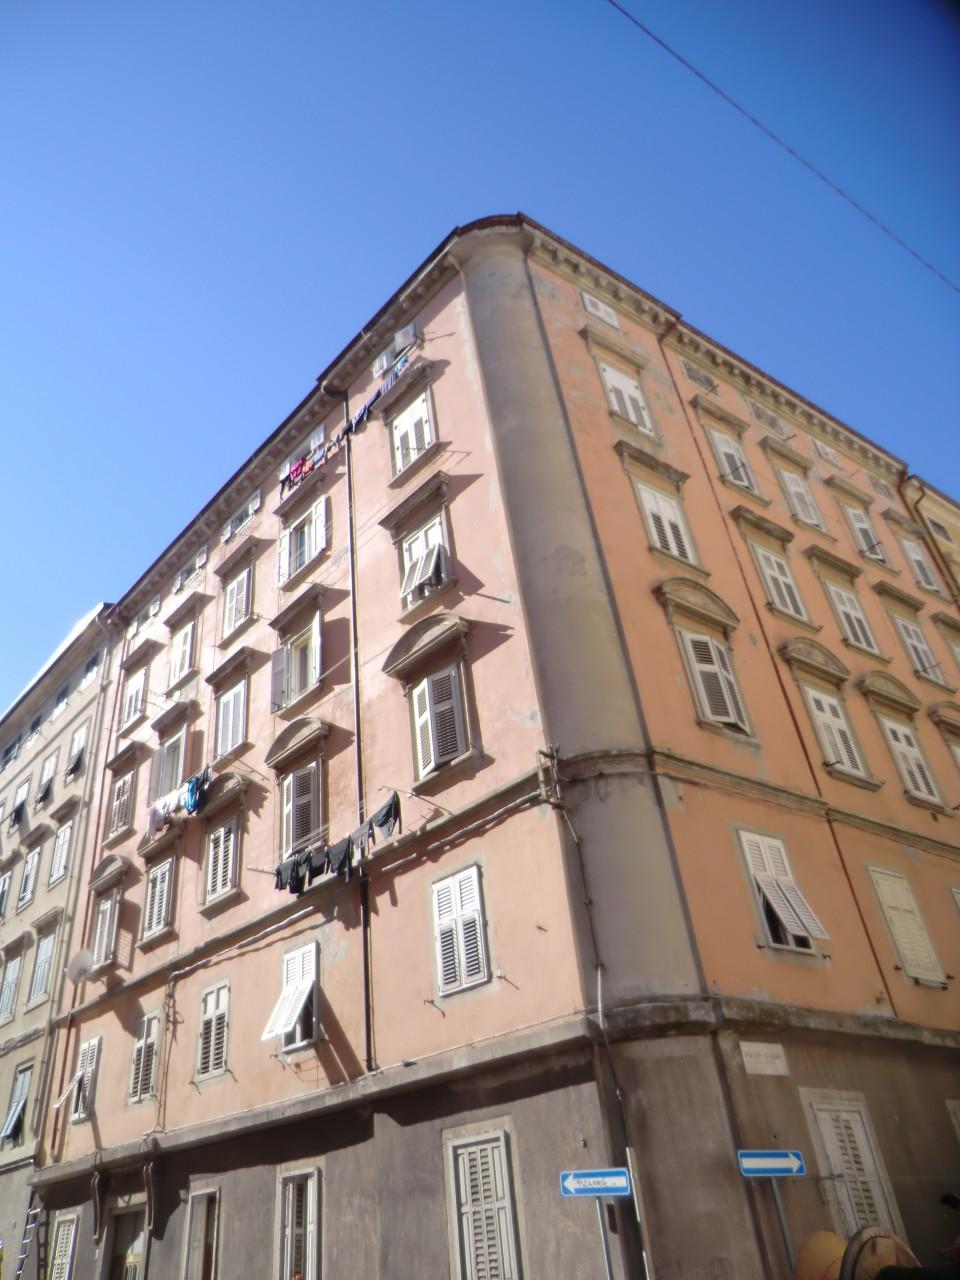 Appartamento bilocale in vendita a Trieste in zona Semicentro con 1 ...